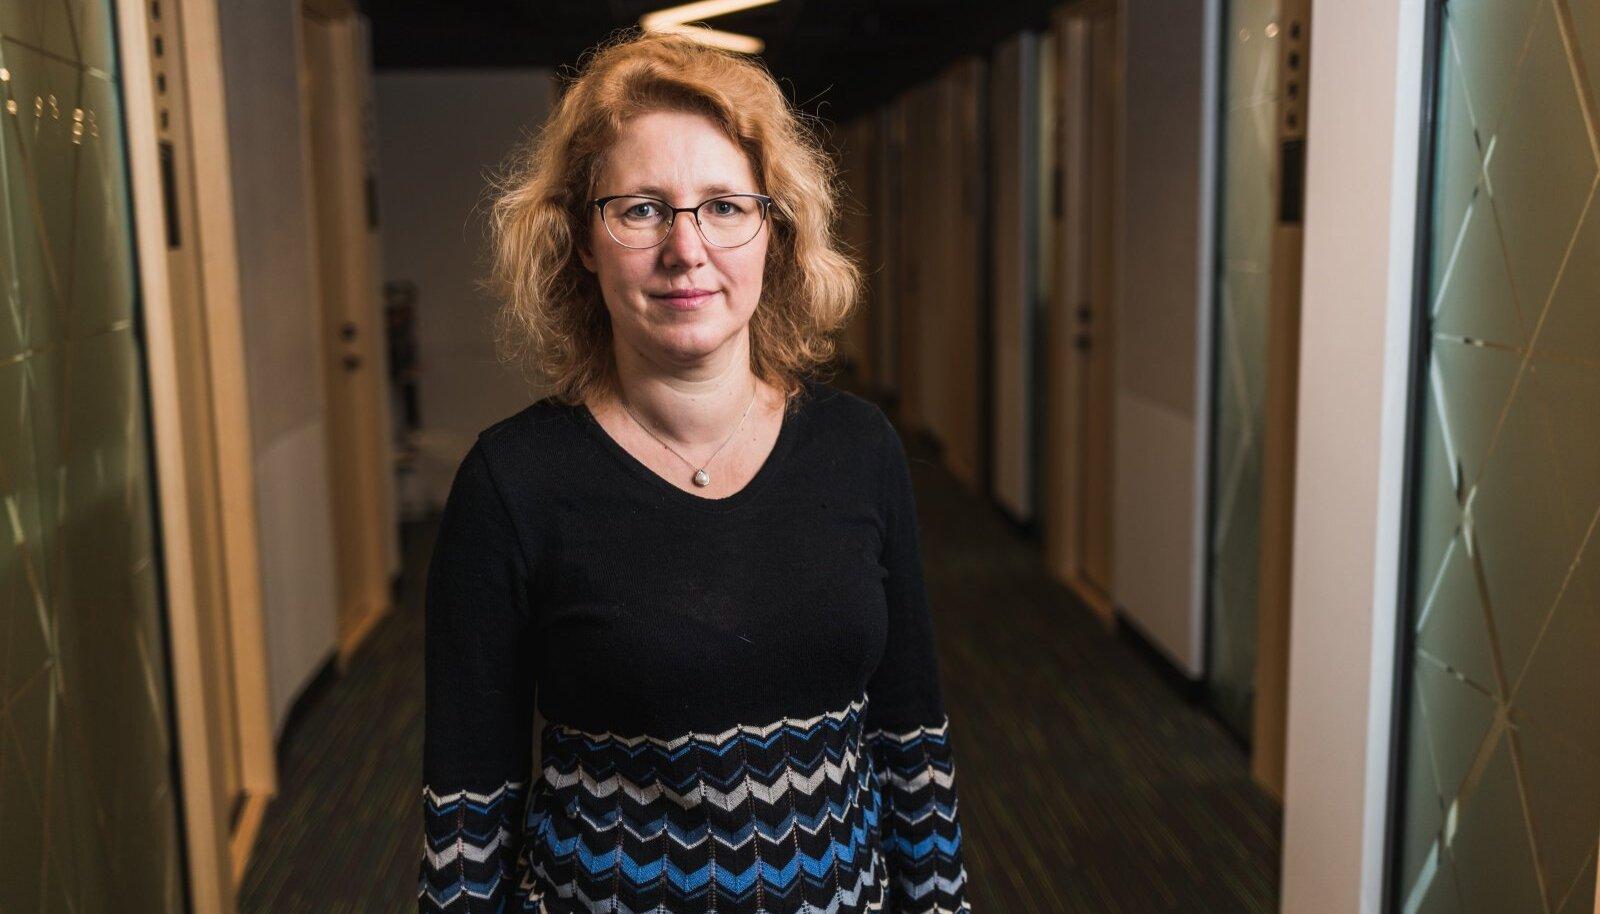 Krista Fischer ütleb, et kui riskigrupid saaksid vaktsineeritud, siis võiks oodata vähemalt suremuse suurt vähenemist.